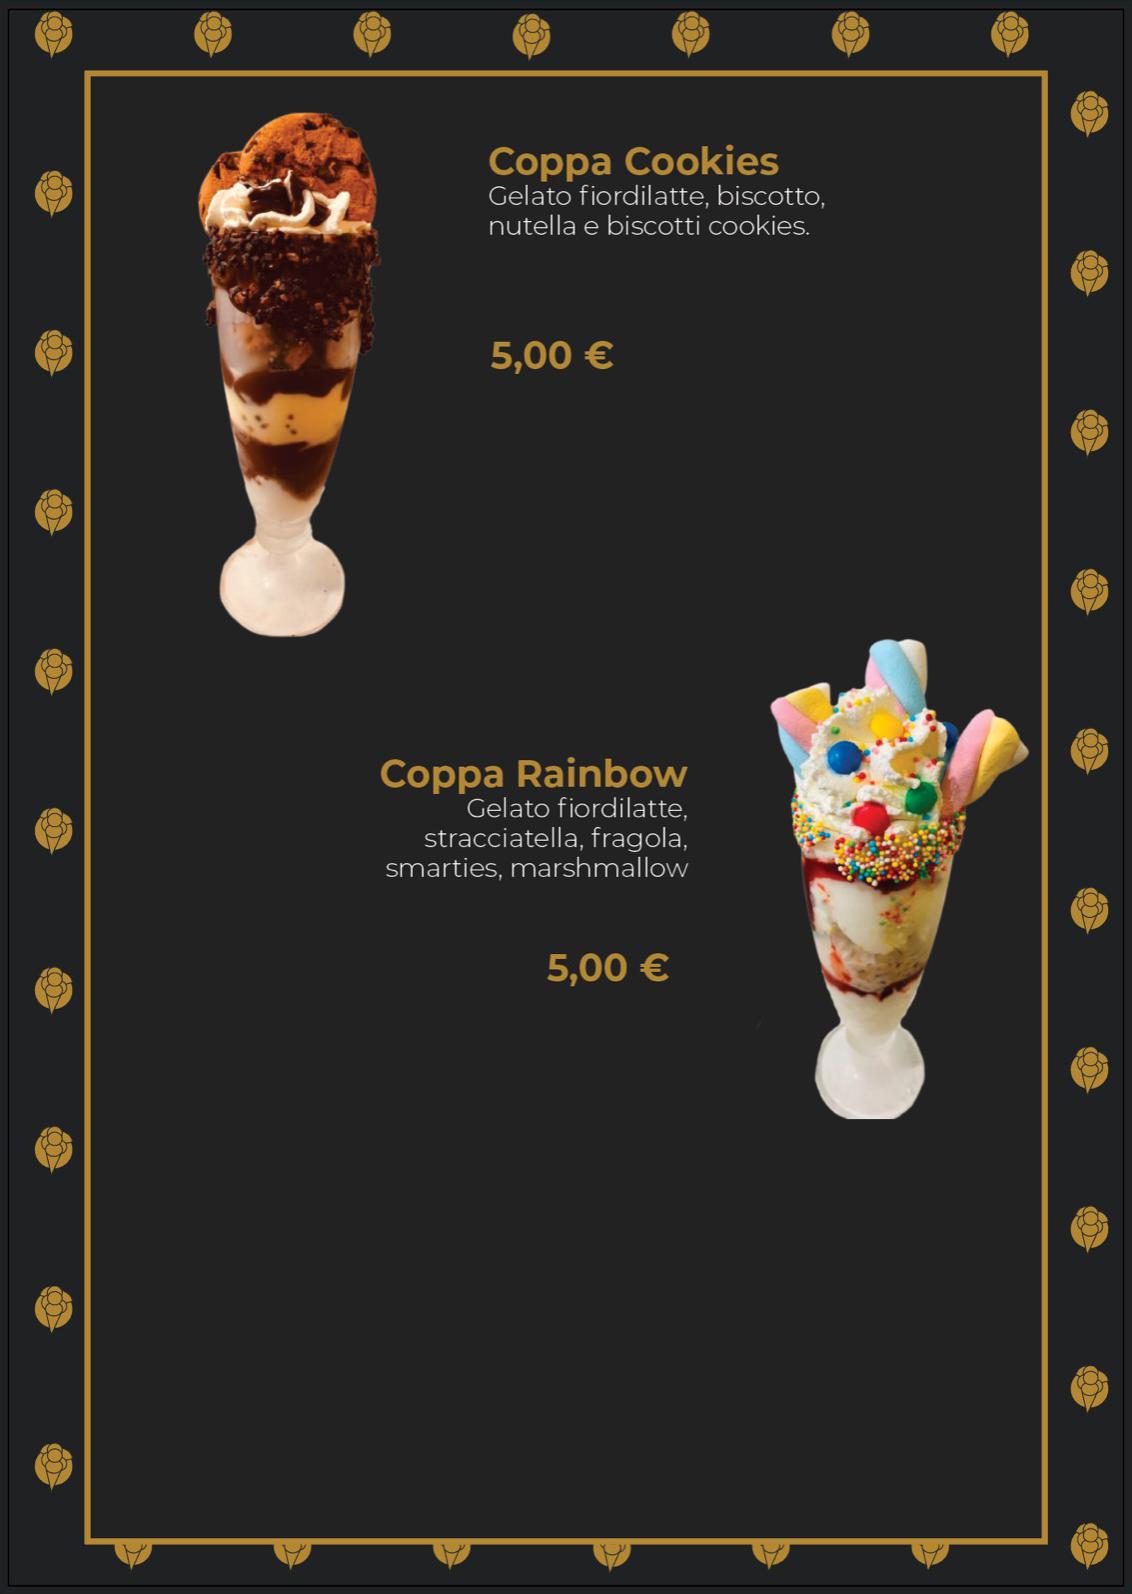 coppa-cookies-e-rainbow